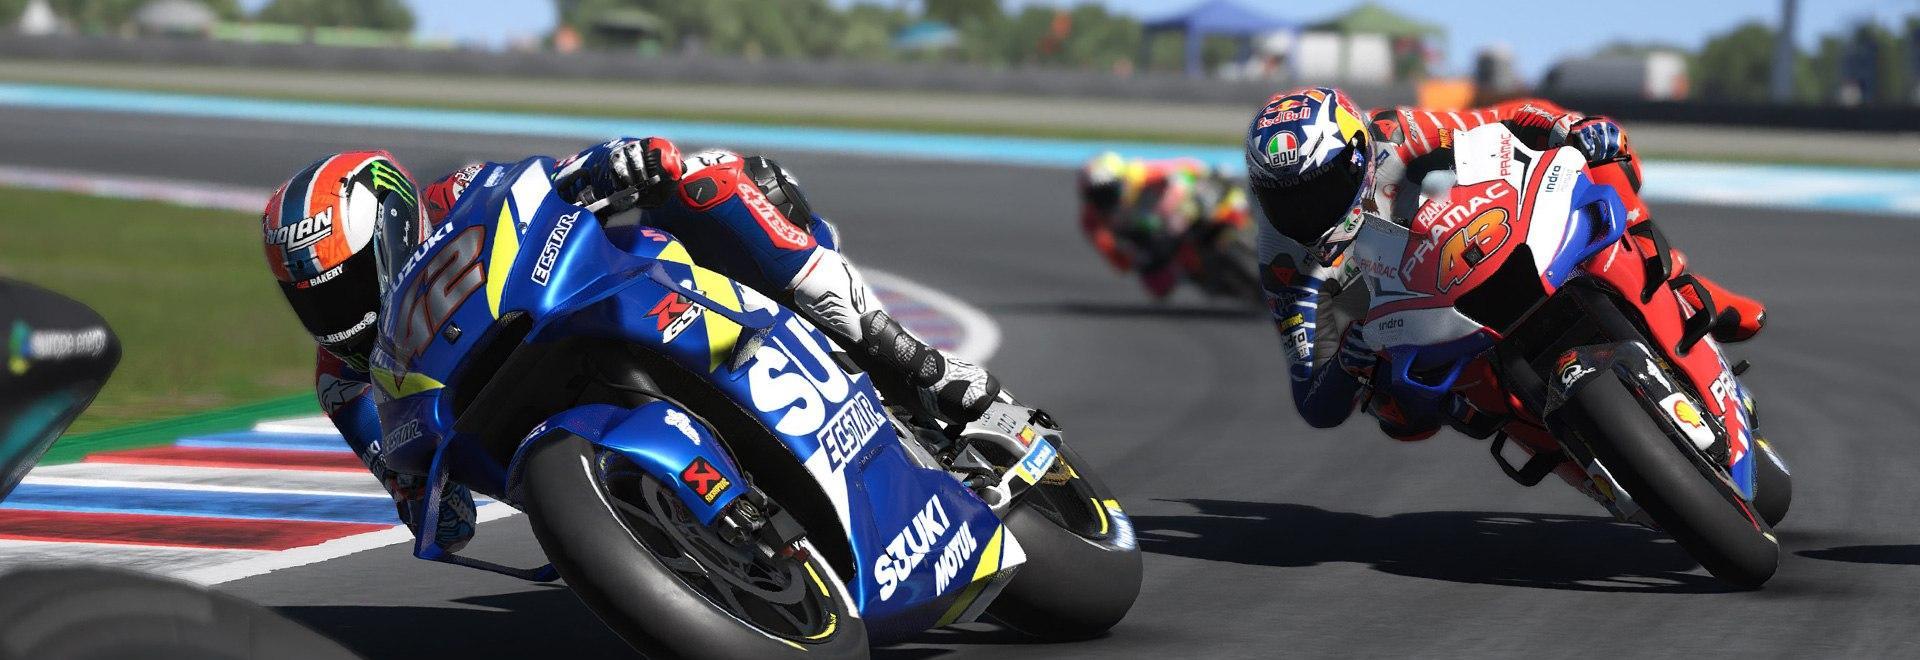 Grand Prix of Spain Redbull Virtual GP: MotoGP